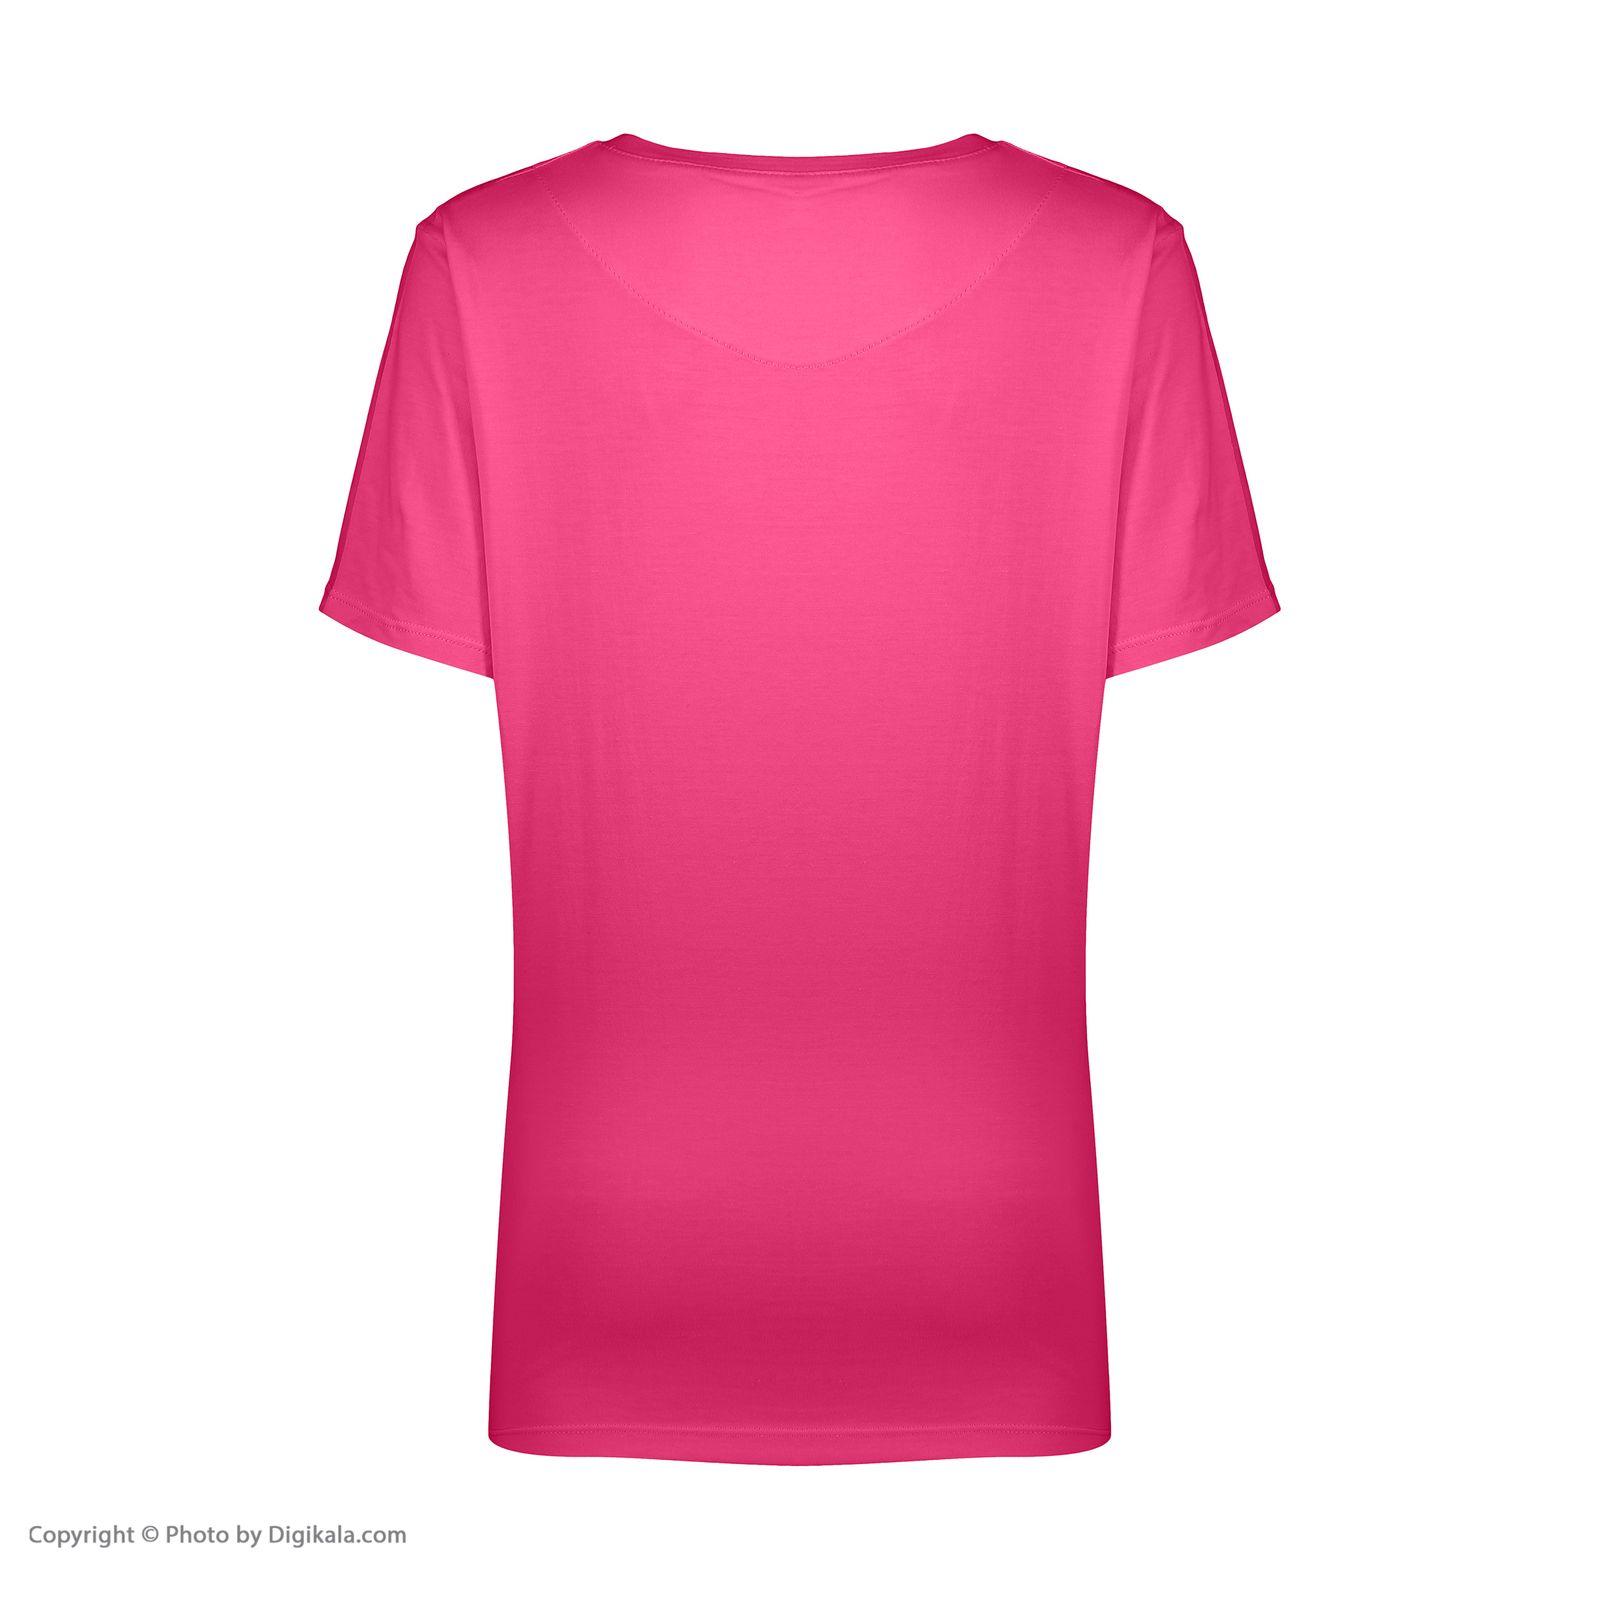 ست تی شرت و شلوار زنانه مادر مدل Billie410-66 -  - 5